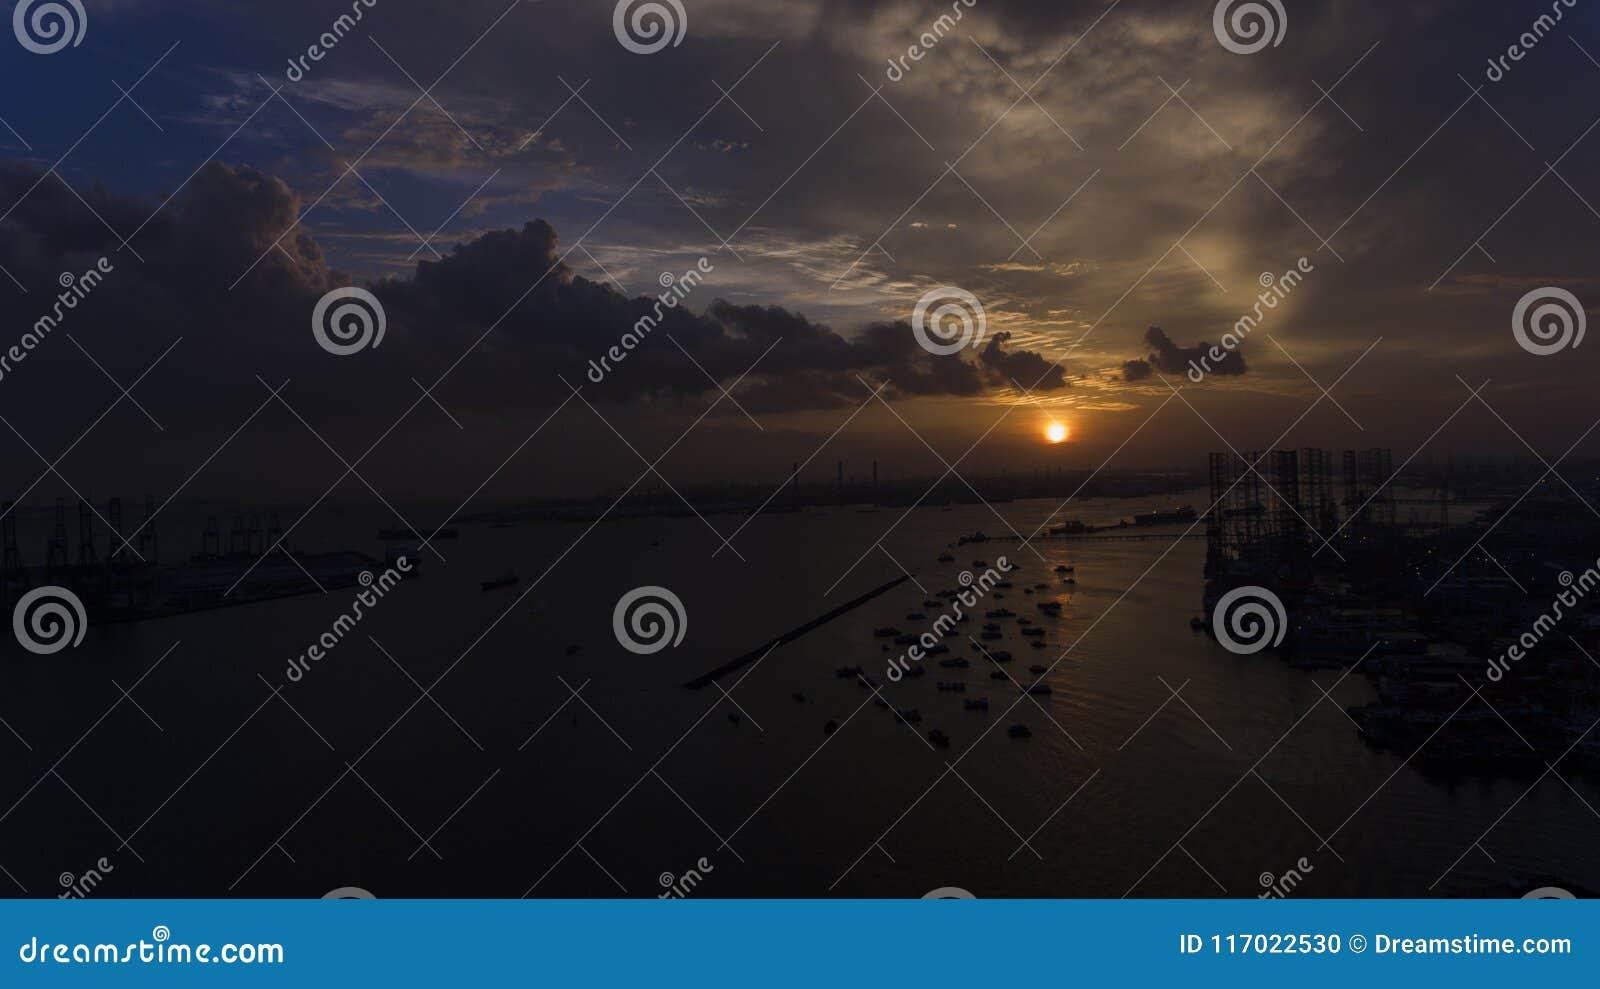 Puesta del sol hermosa, imponente sobre el agua, sobre los barcos en un muelle o un puerto de mirada industrial